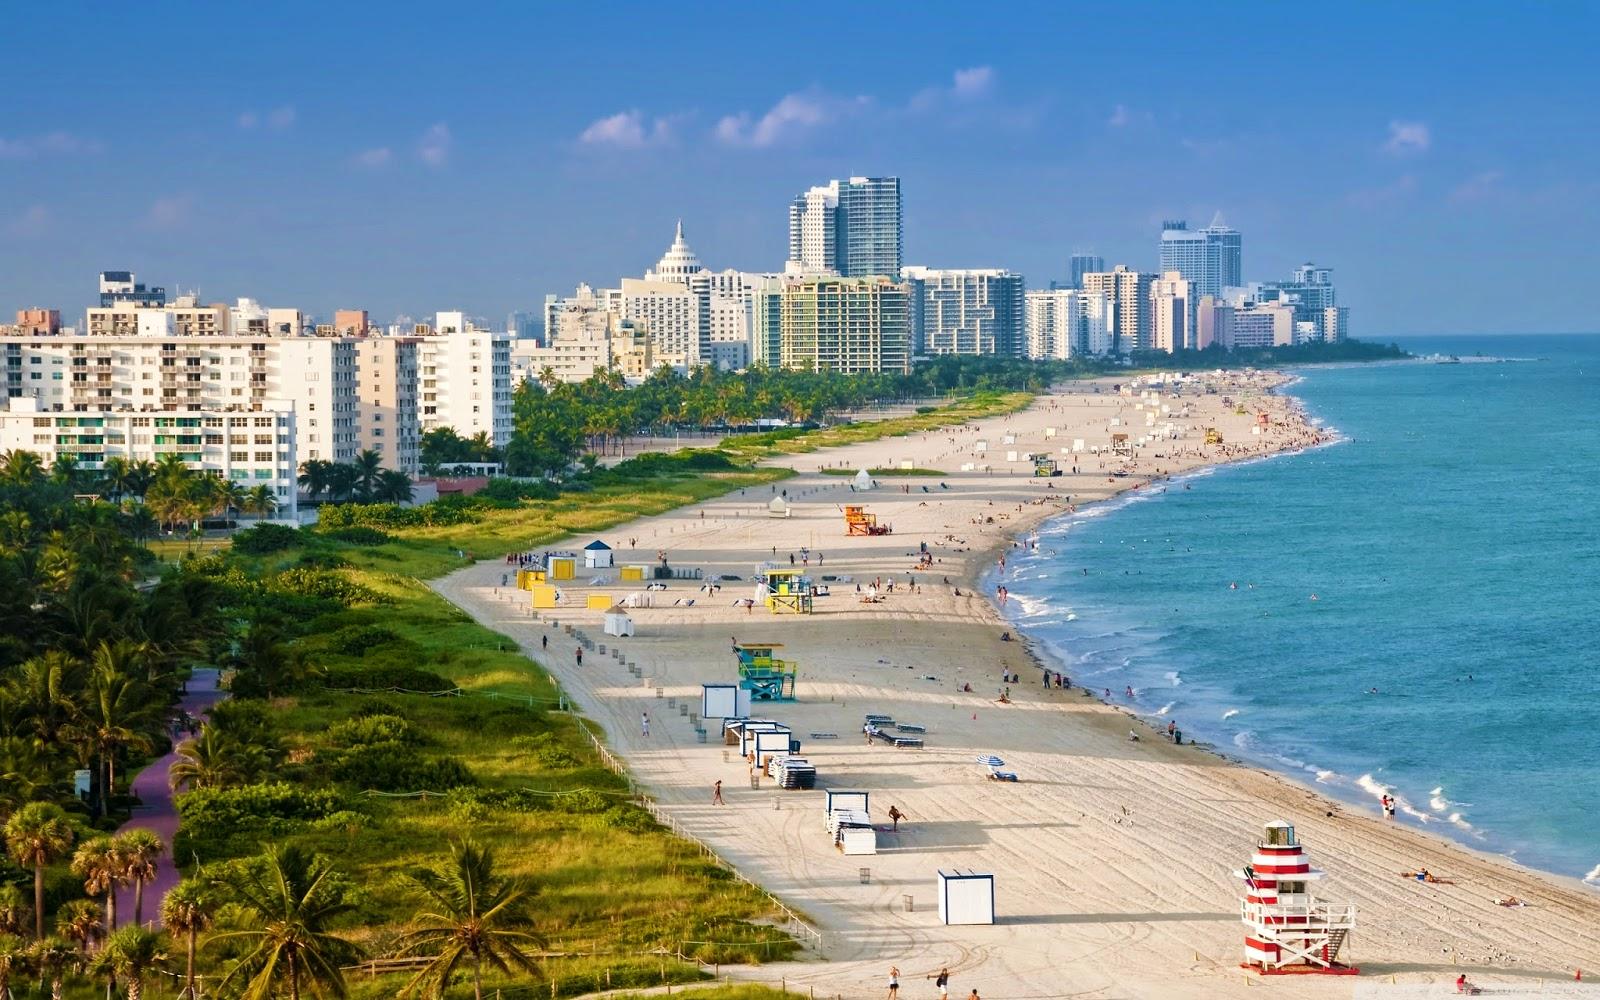 Papel de parede da praia de Miami Beach